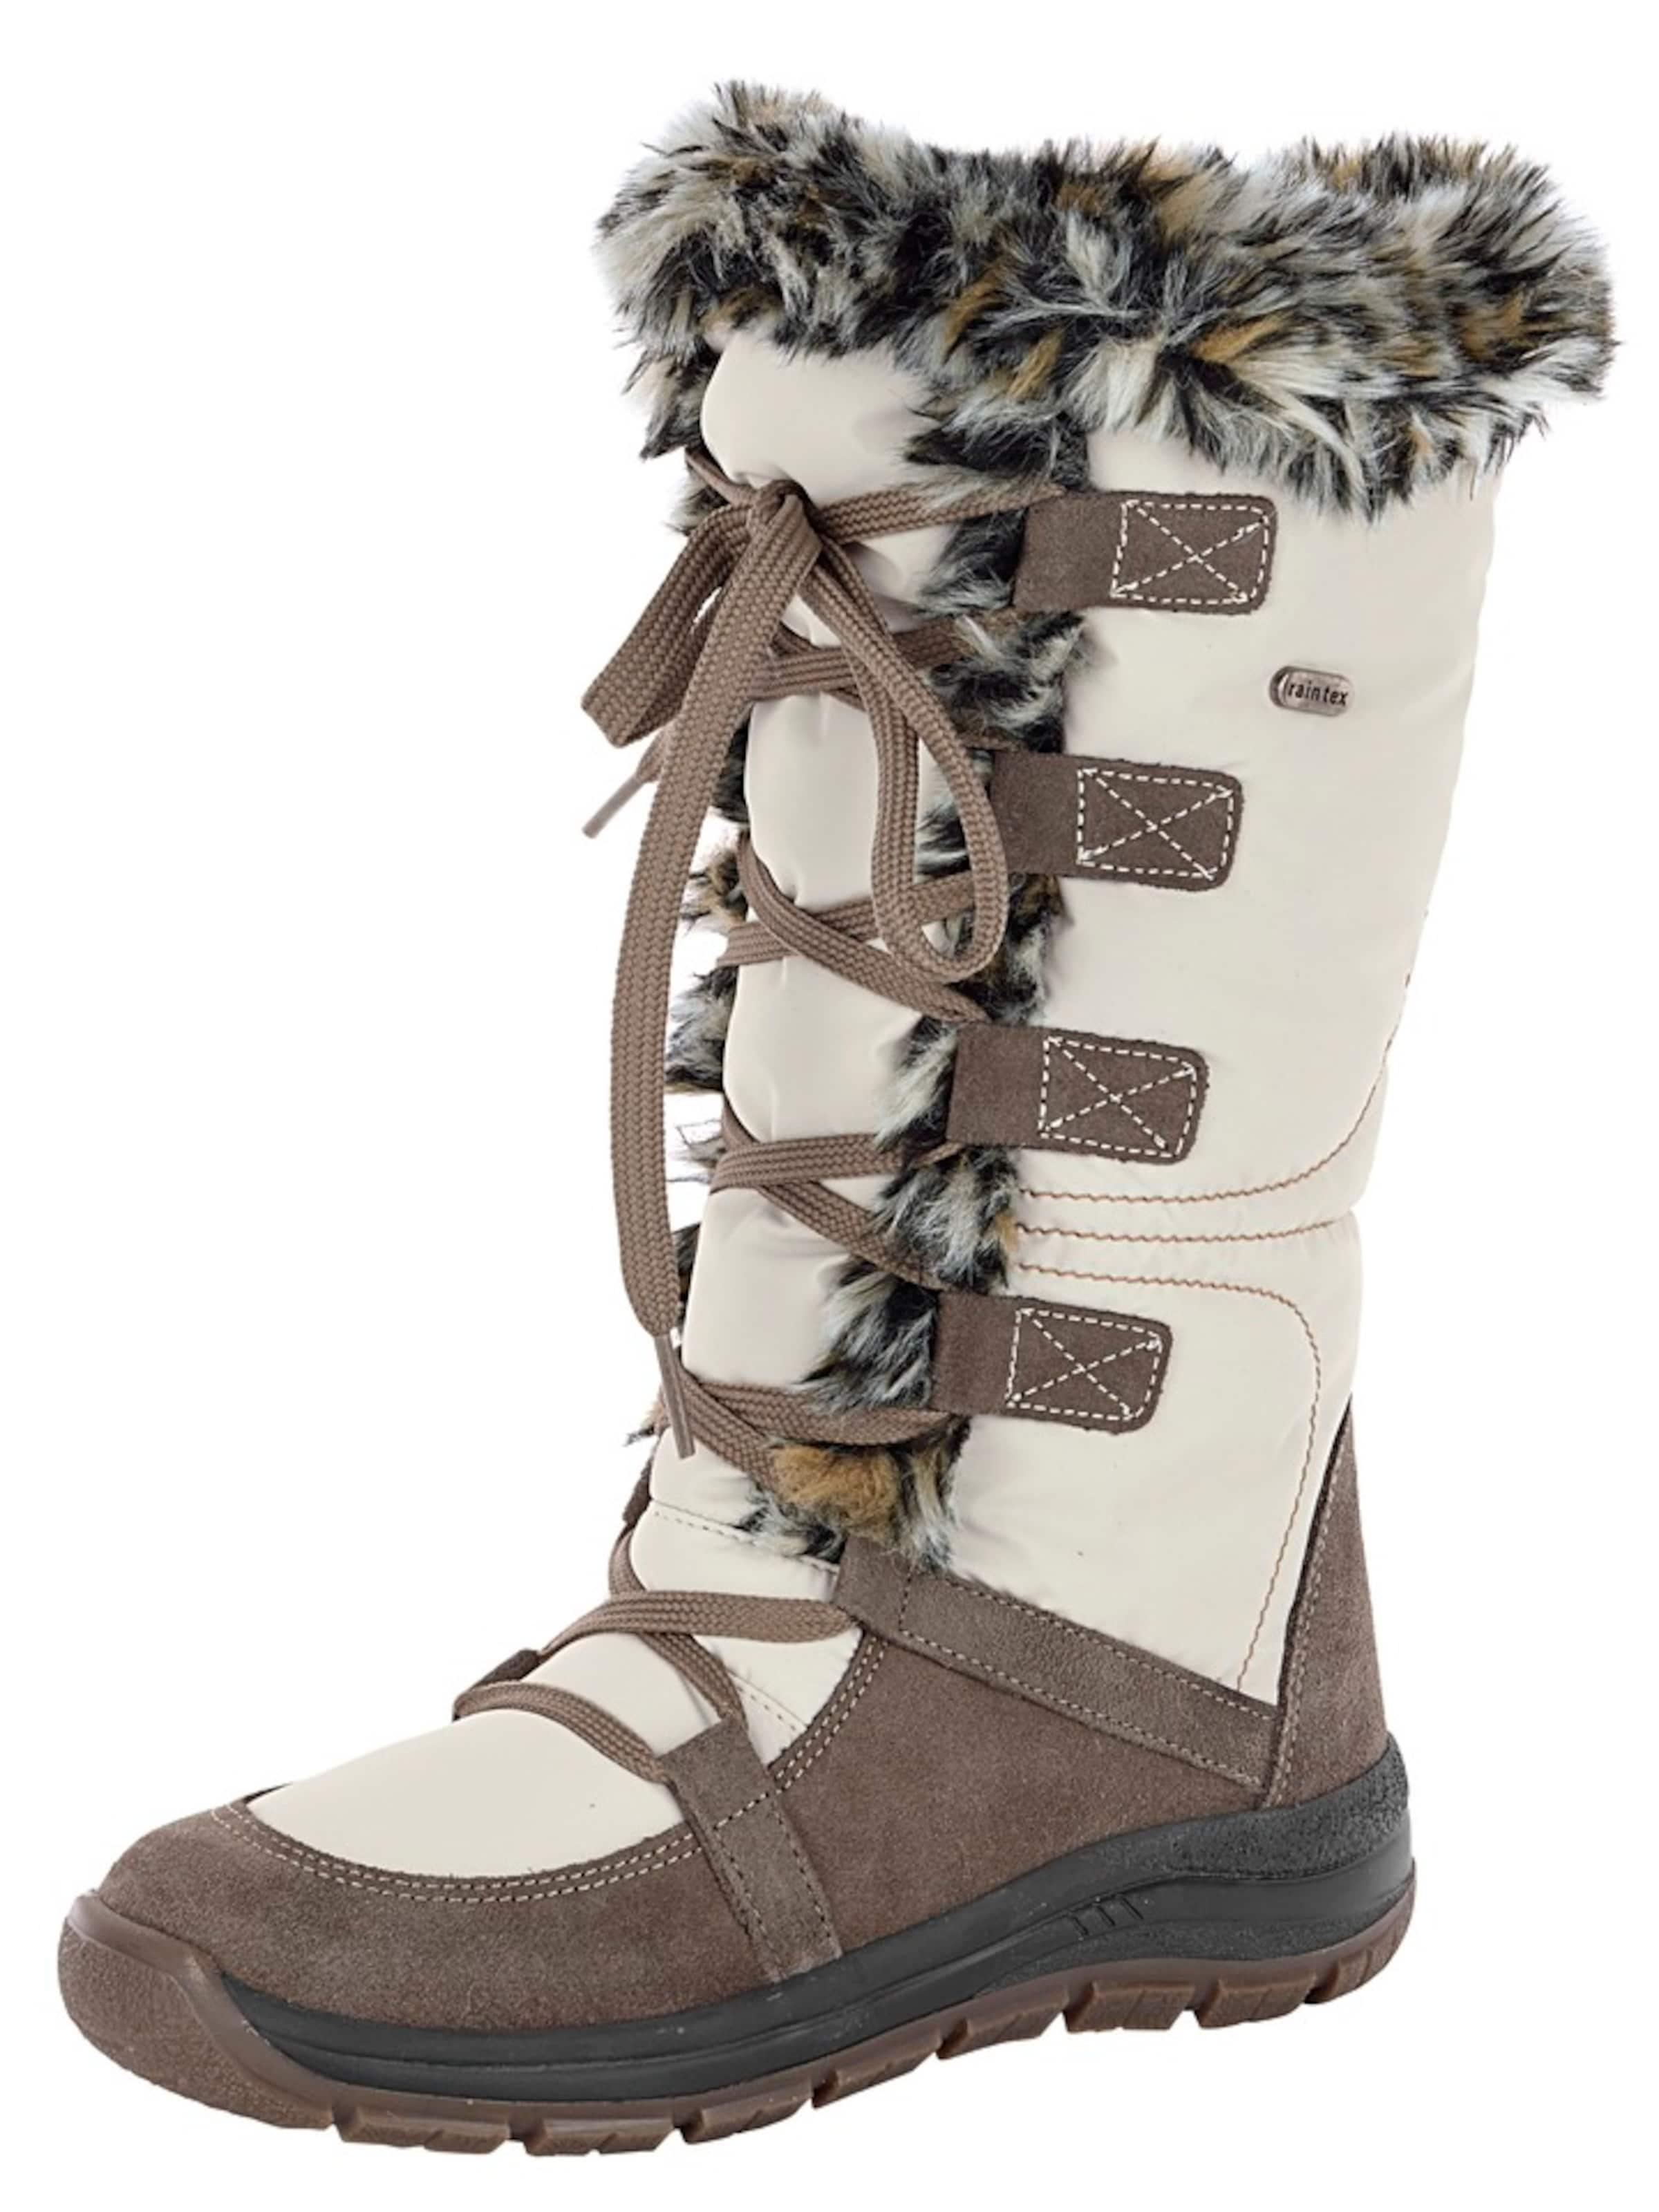 heine Stiefel von RAINTEX Verschleißfeste billige Schuhe